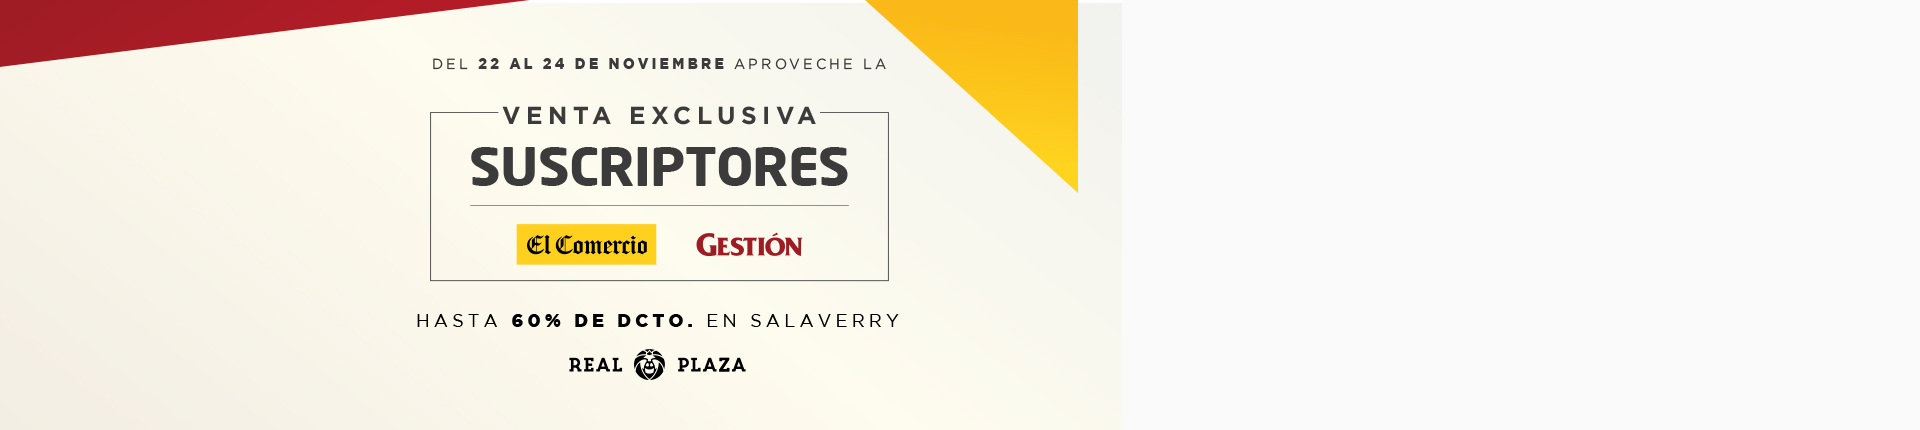 VENTA EXCLUSIVA SUSCRIPTORES - Club El Comercio Perú.